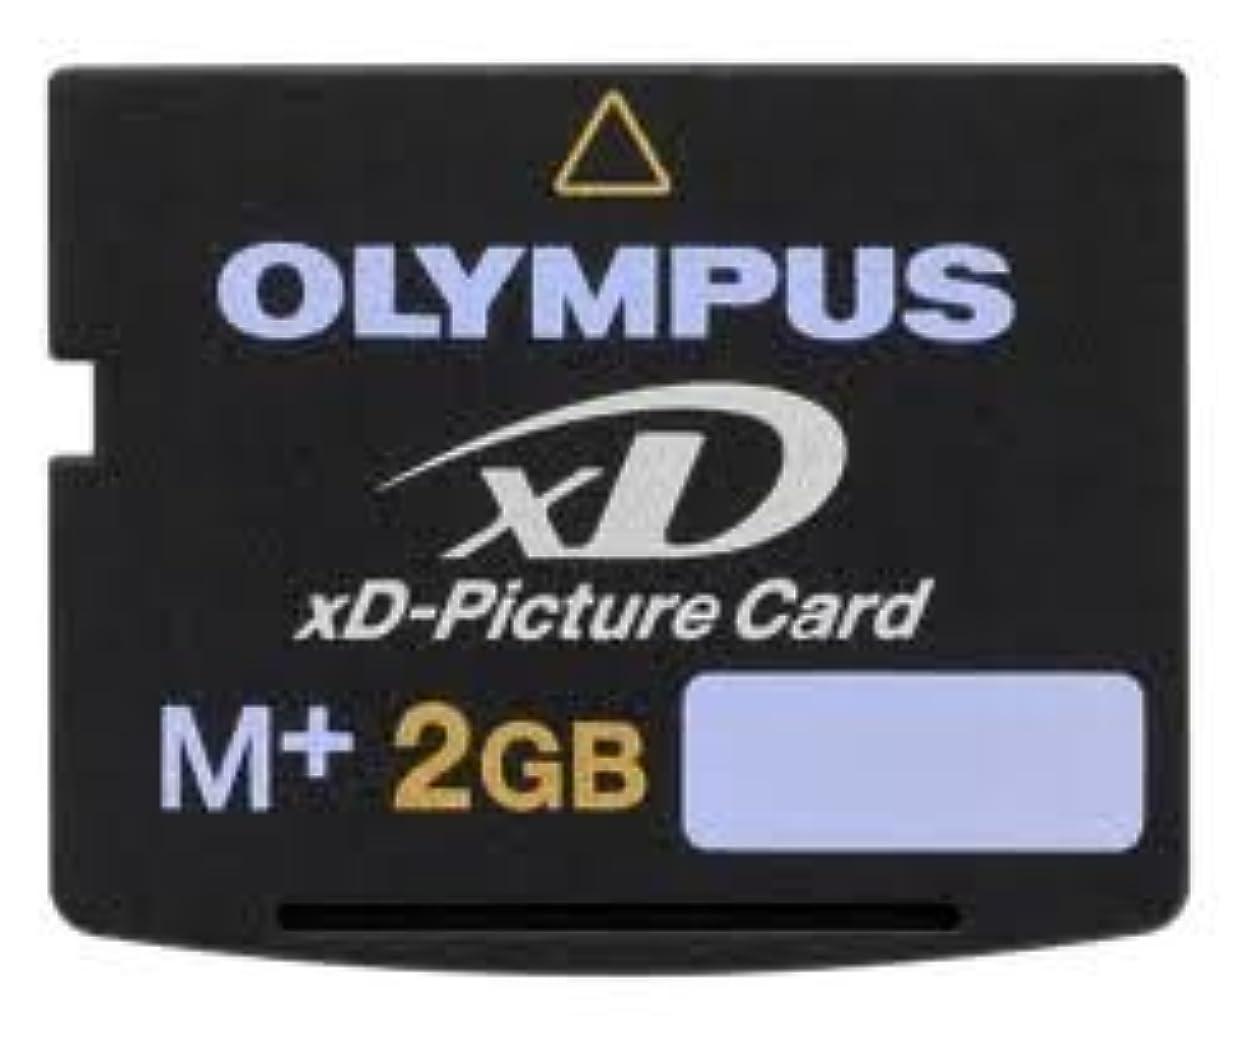 子猫藤色一口Olympus Stylus 790 SWデジタルカメラメモリカード2 GB xd-pictureカード(M +タイプ)